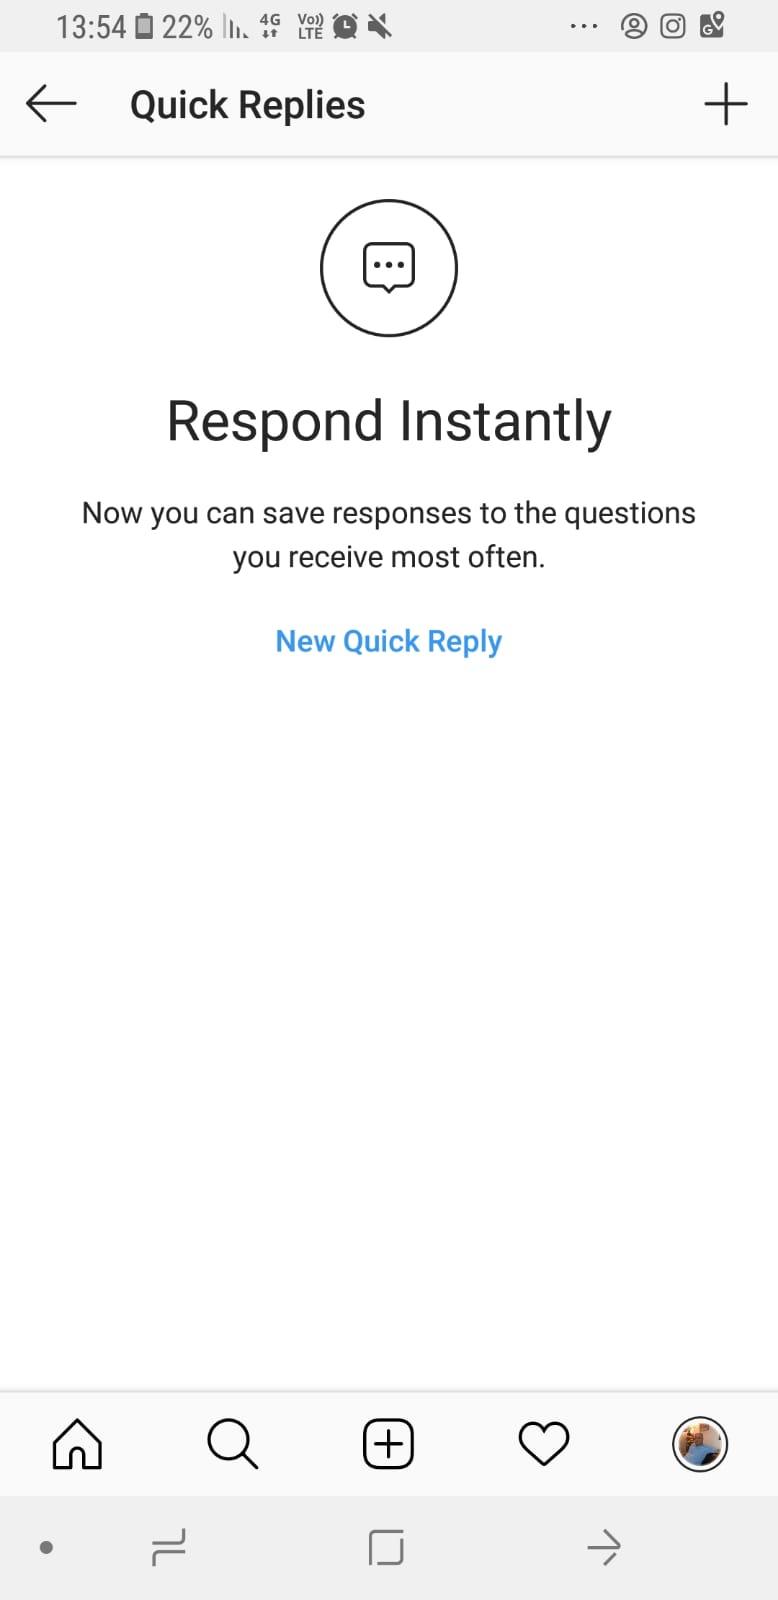 חדש באינסטגרם – יצירת תגובות מהירות בהודעות